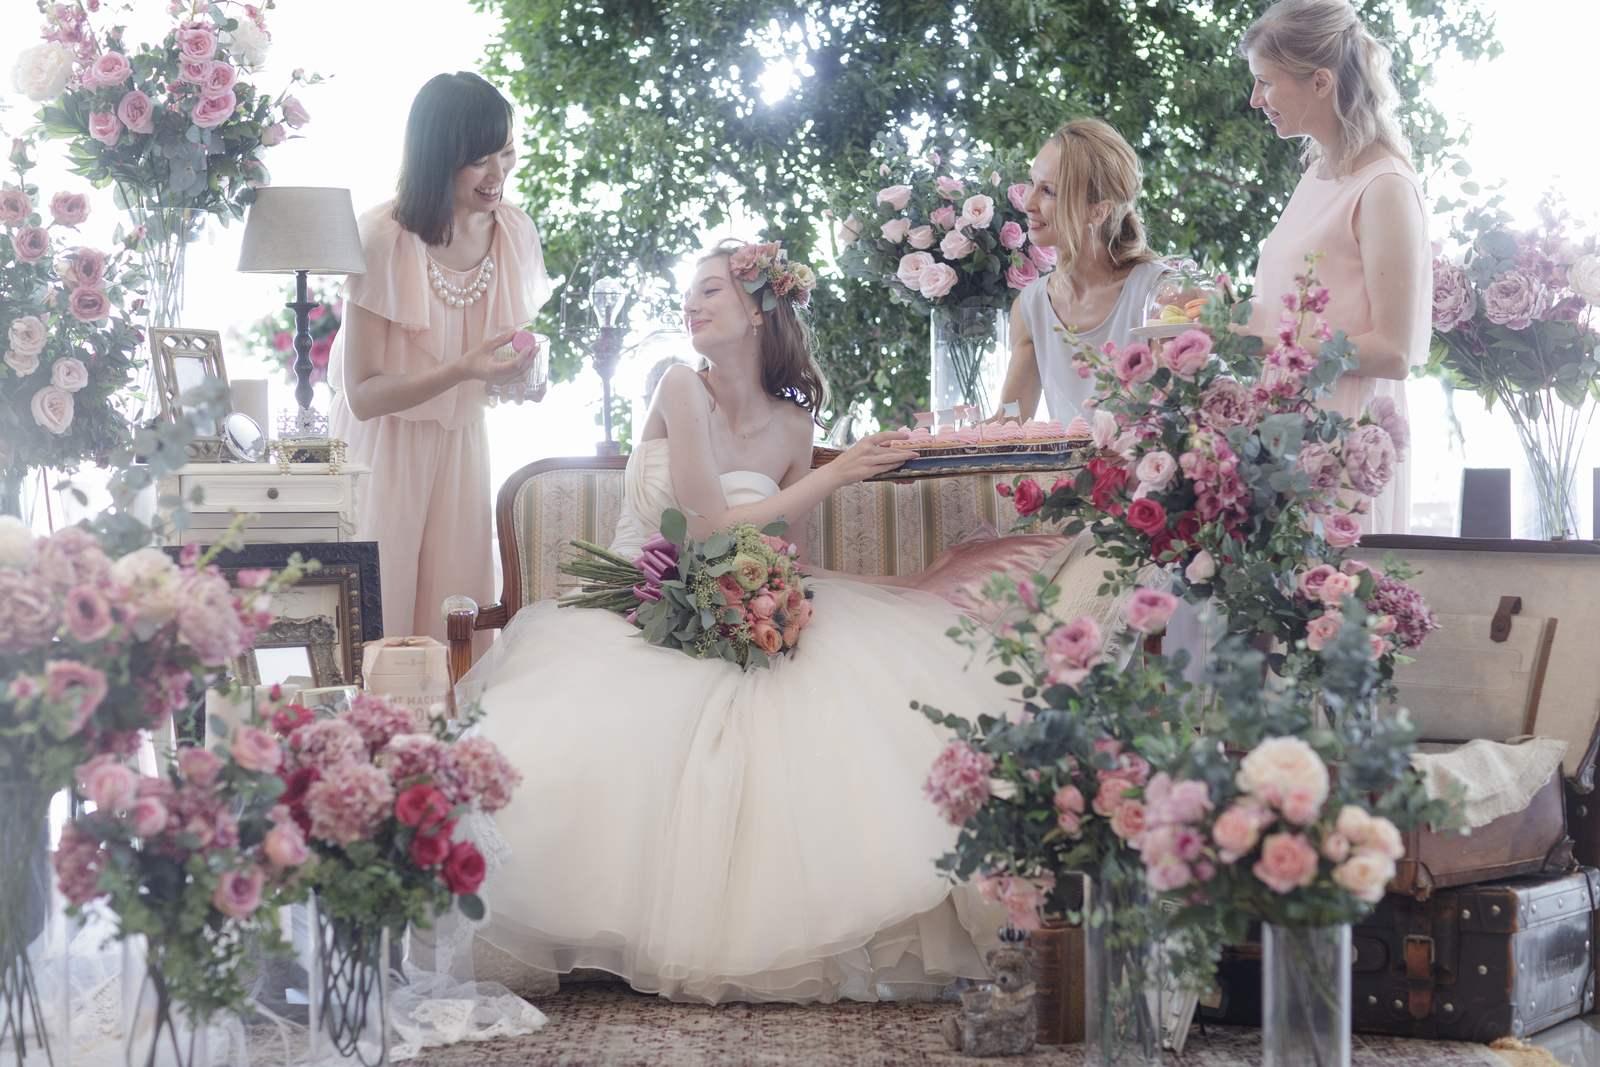 香川県の結婚式場シェルエメールのスイートLでの高砂イメージ